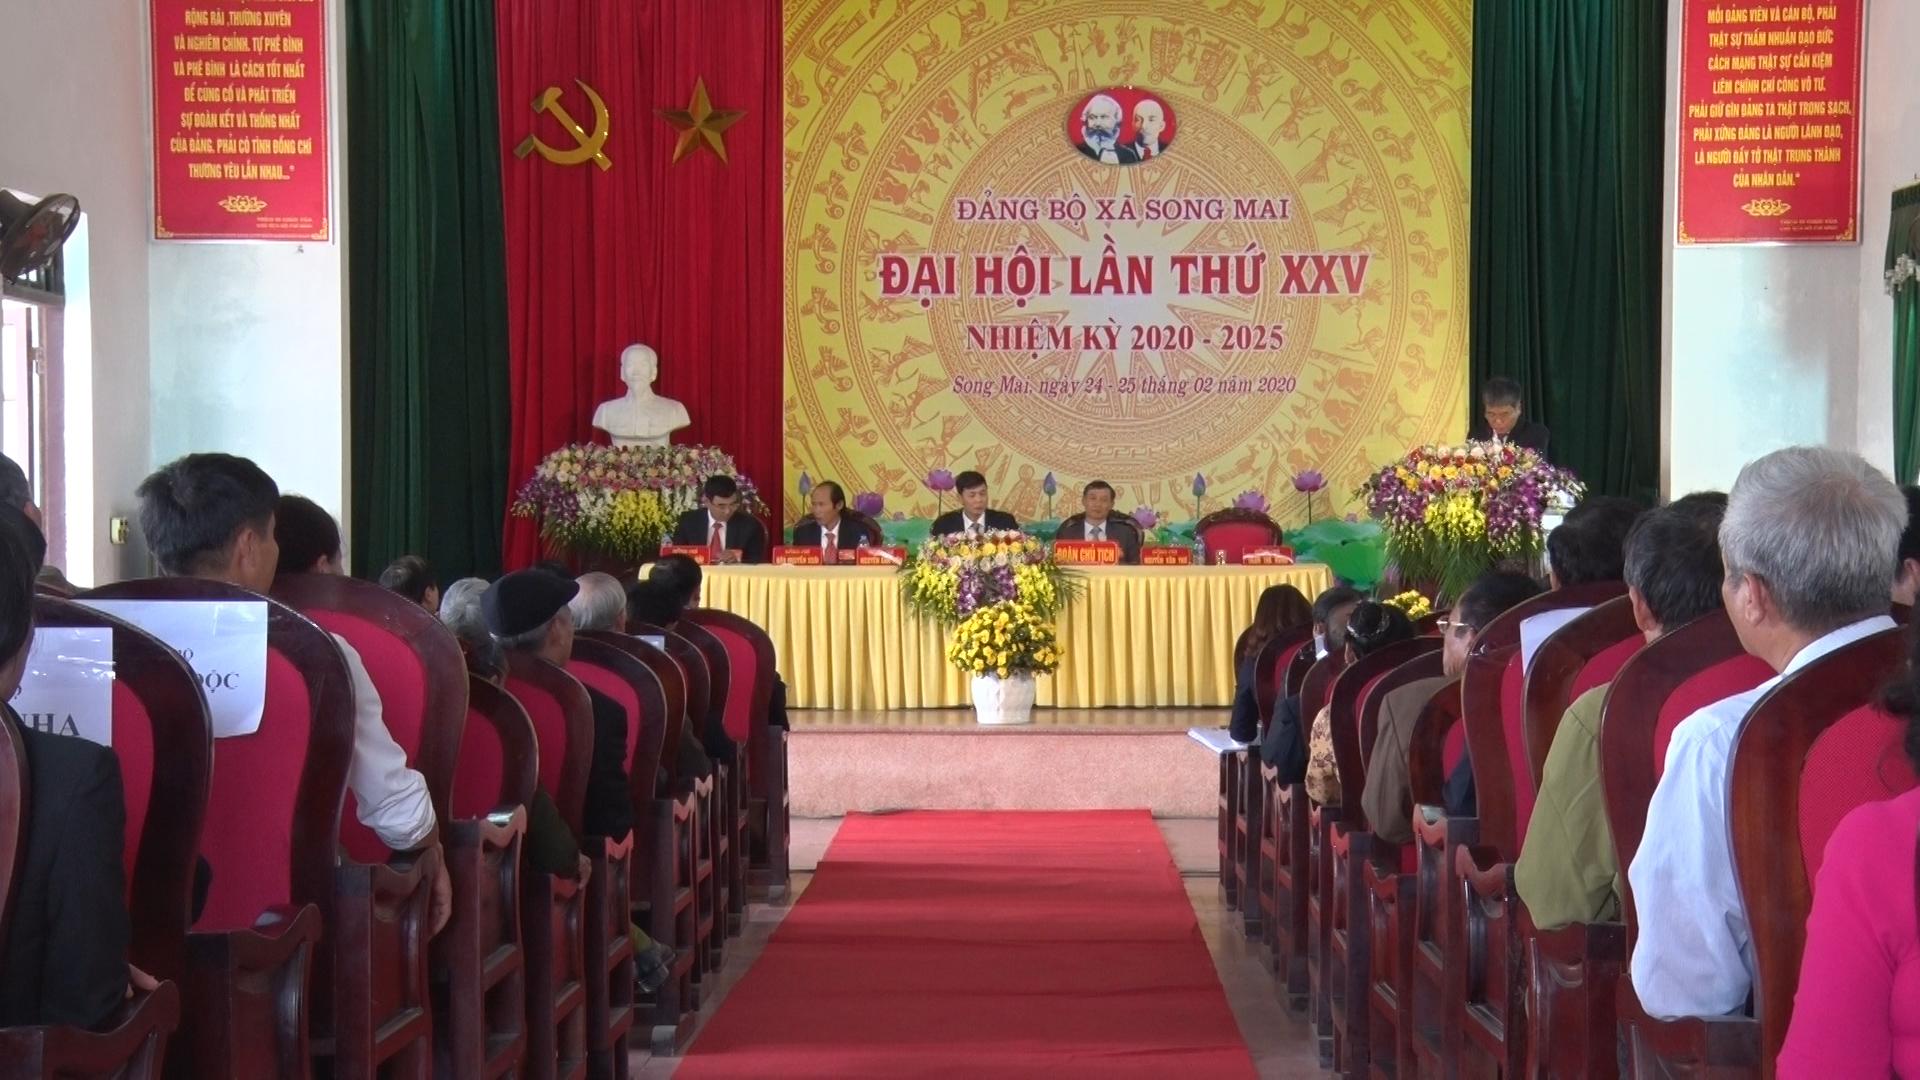 Đảng bộ xã Song Mai tổ chức đại hội lần thứ 25, nhiệm kỳ 2020 – 2025